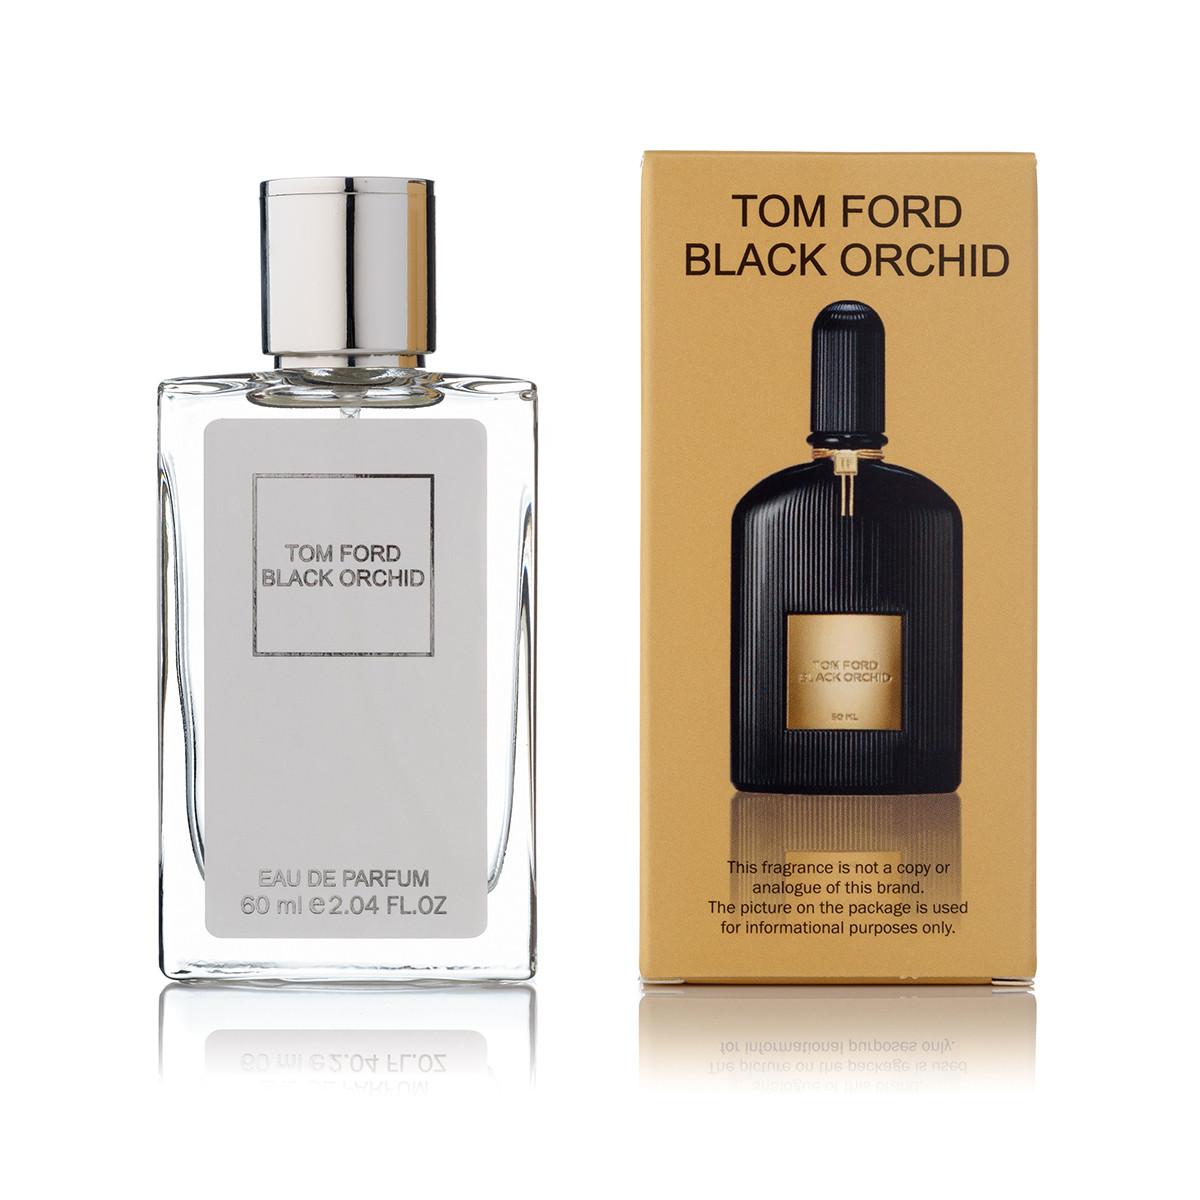 60 мл мини парфюм Tom Ford Black Orchid - (Ж)